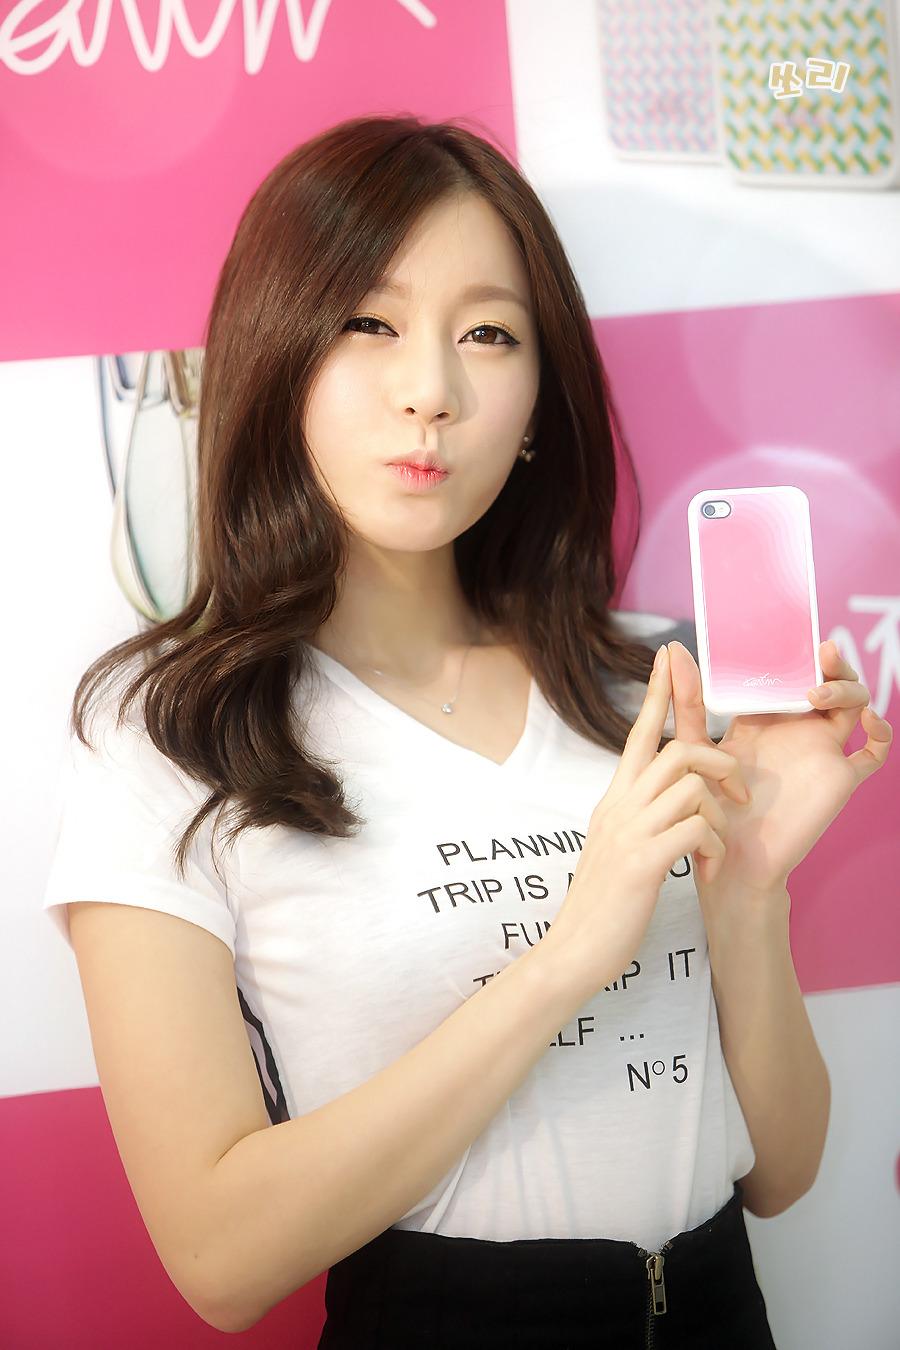 xxx nude girls: Beautiful Han Ji Eun